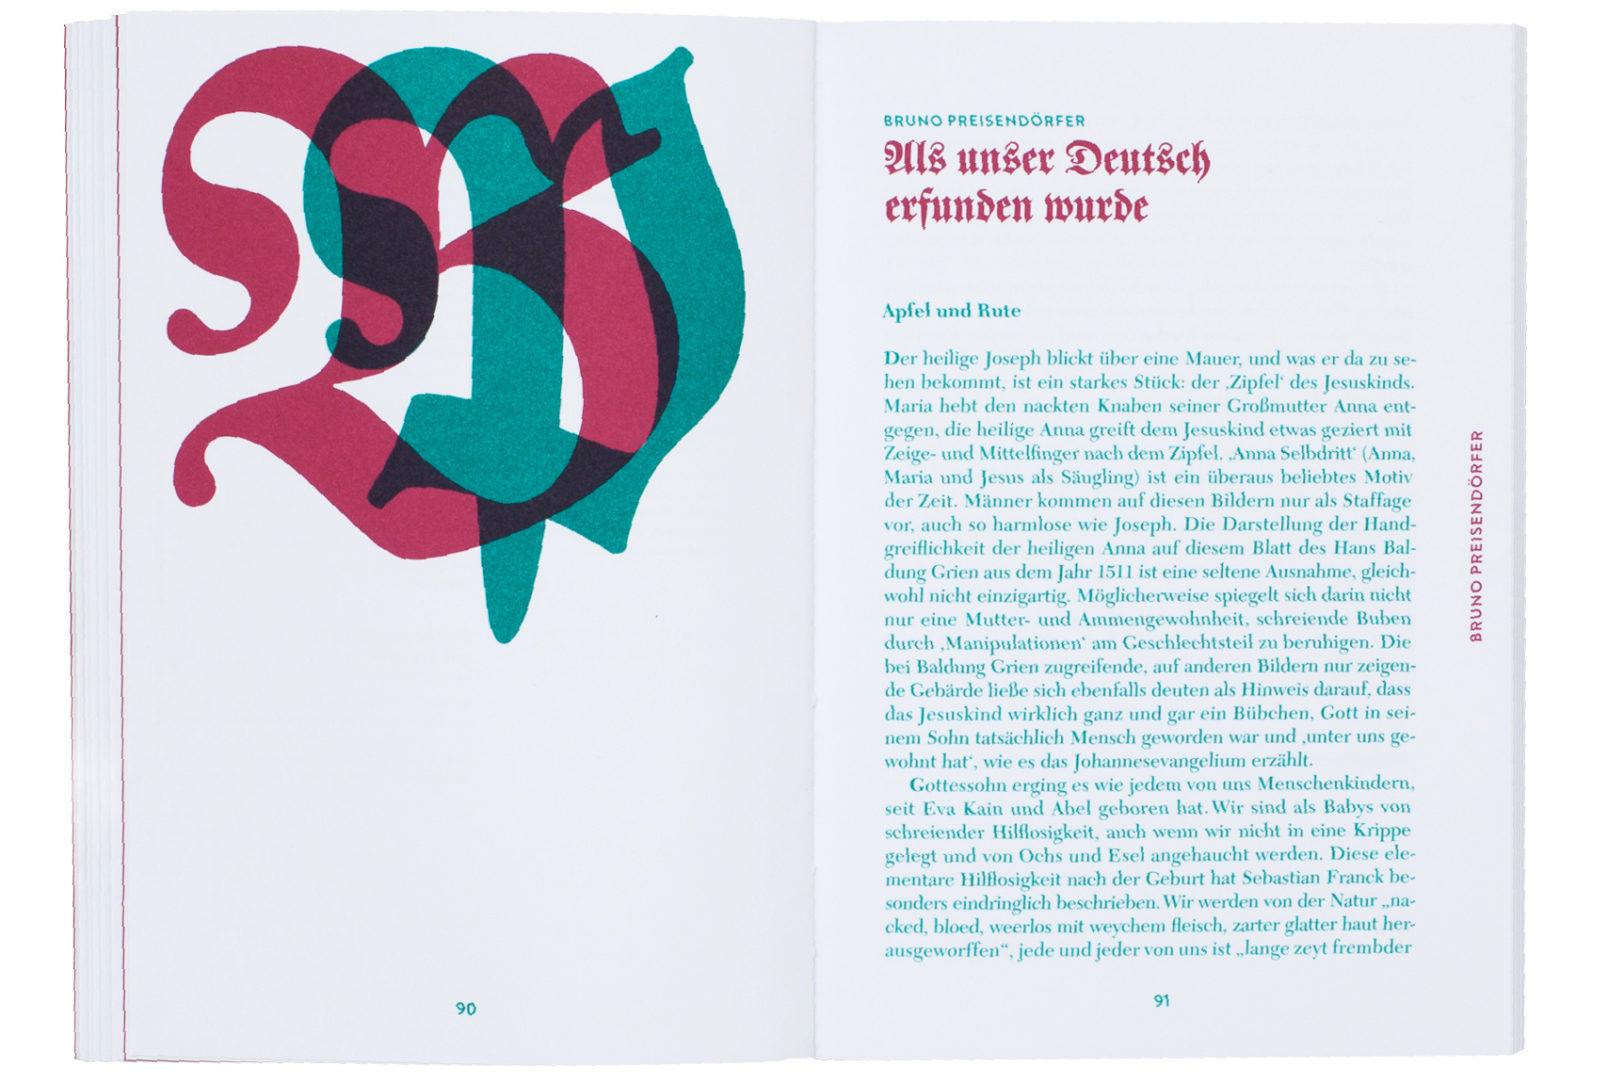 http://e-o-t.de/wordpress/wp-content/uploads/2017/12/e-o-t-2017-Books-ref-leselust-14.jpg